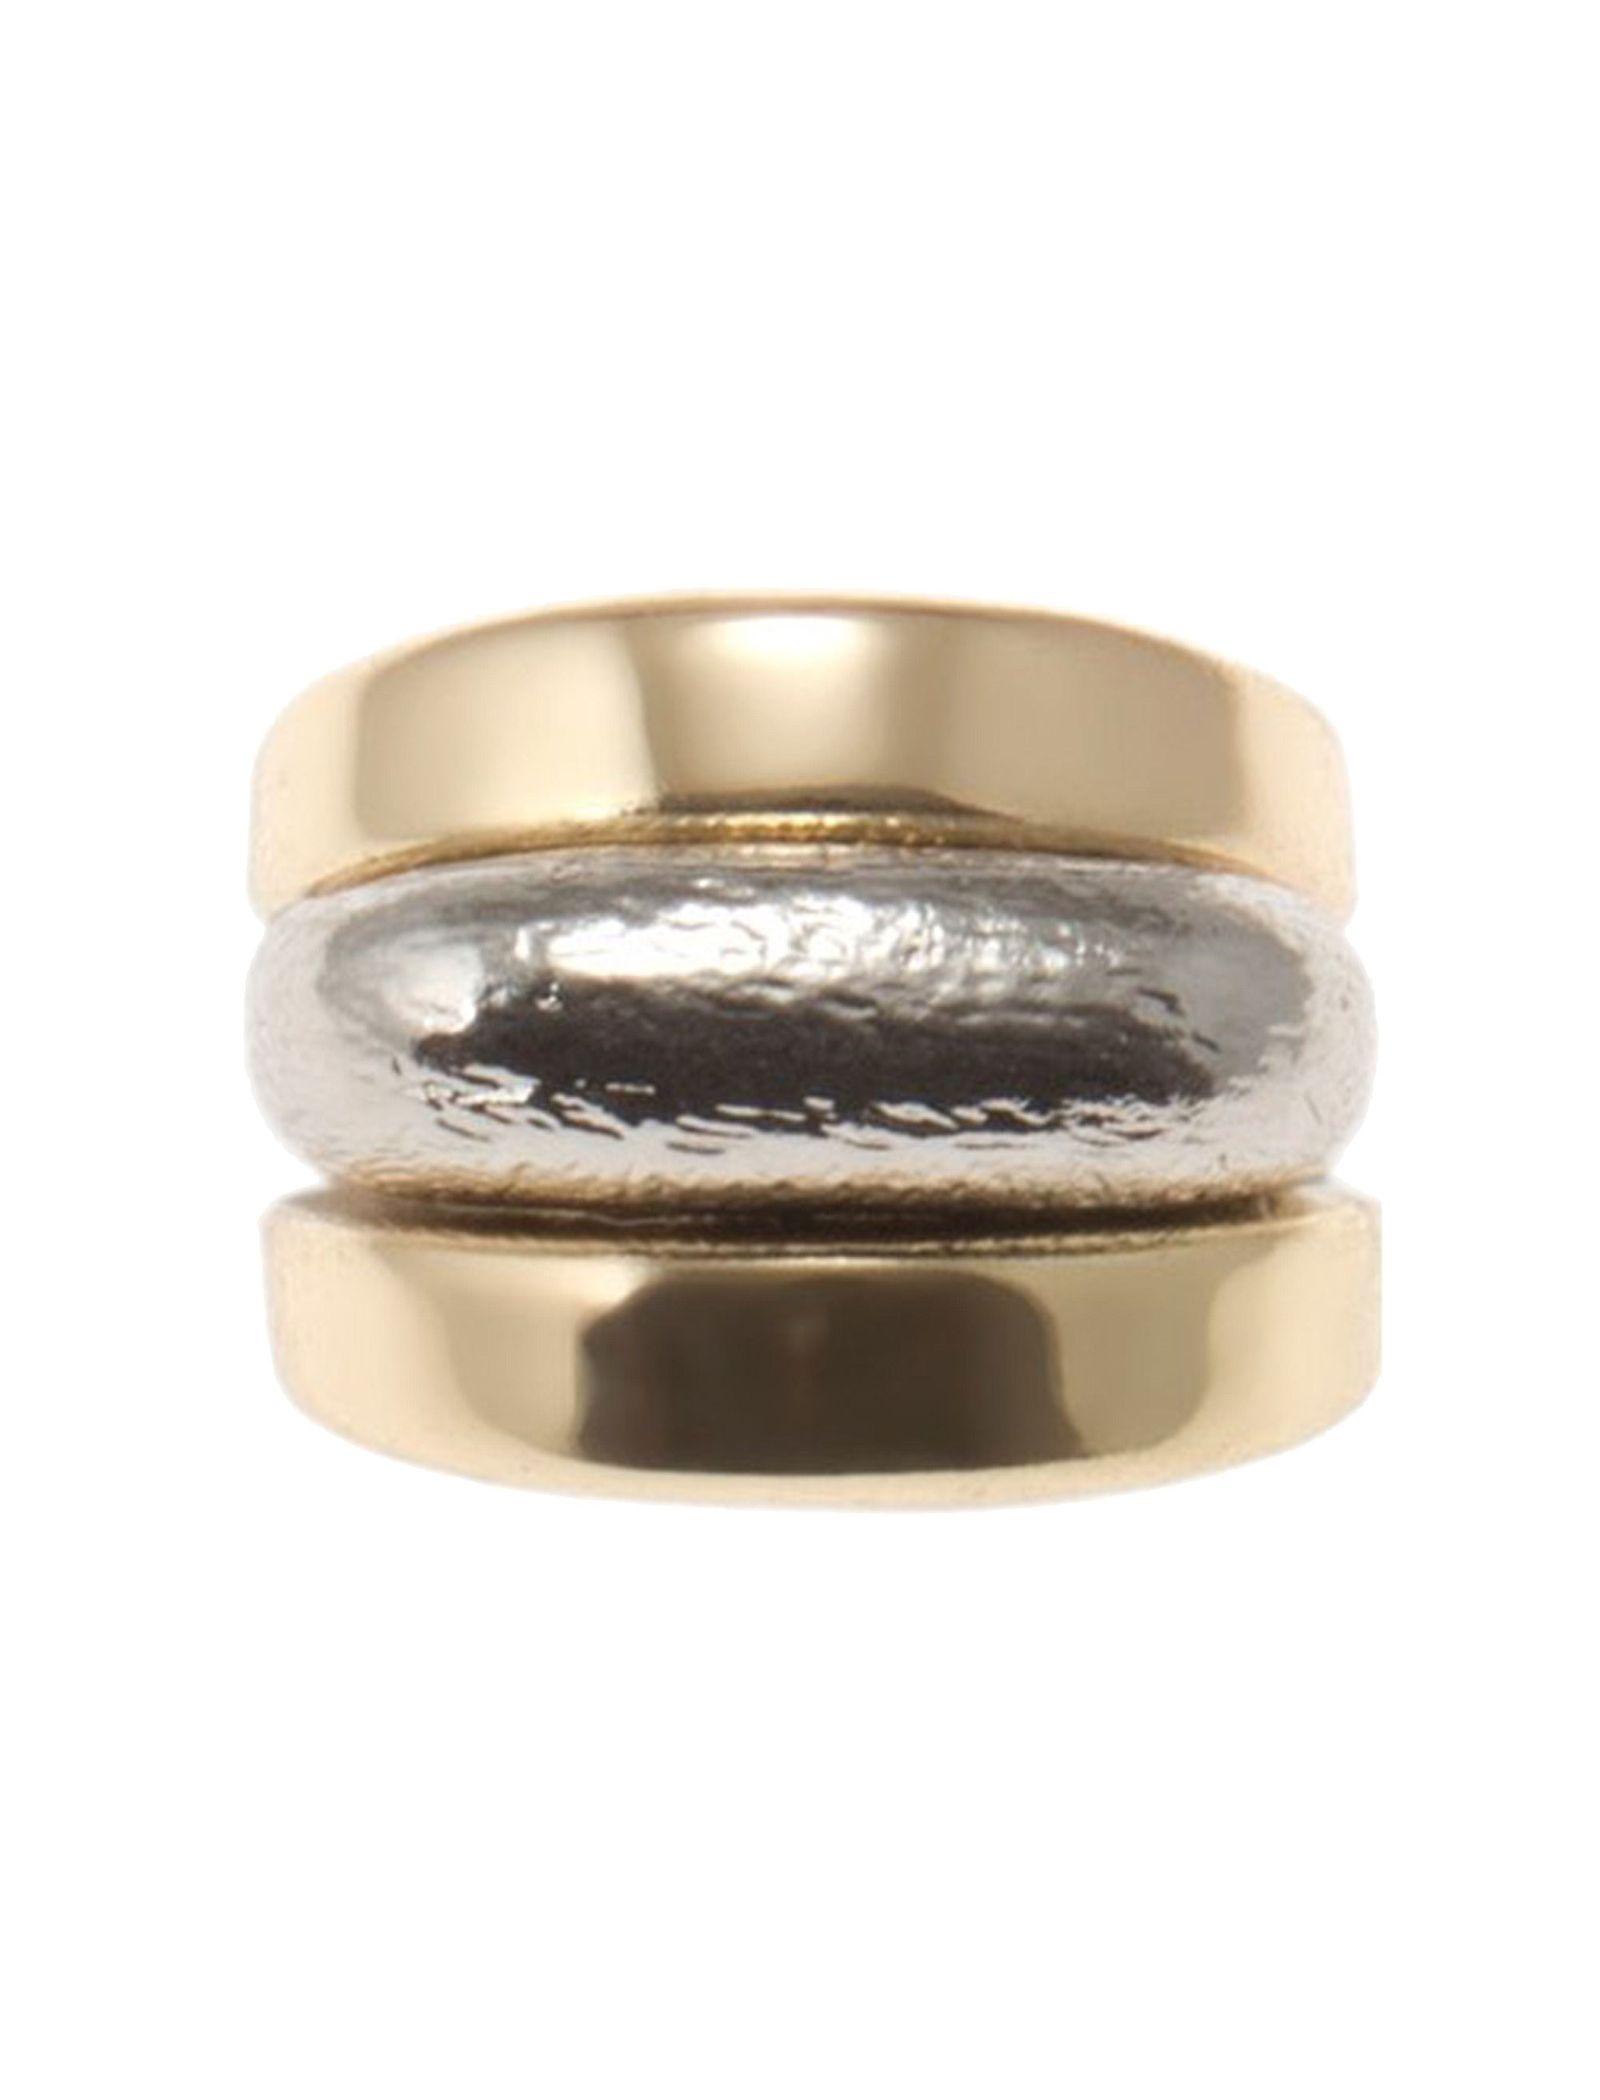 انگشتر زنانه - پارفوا - طلايي - 4